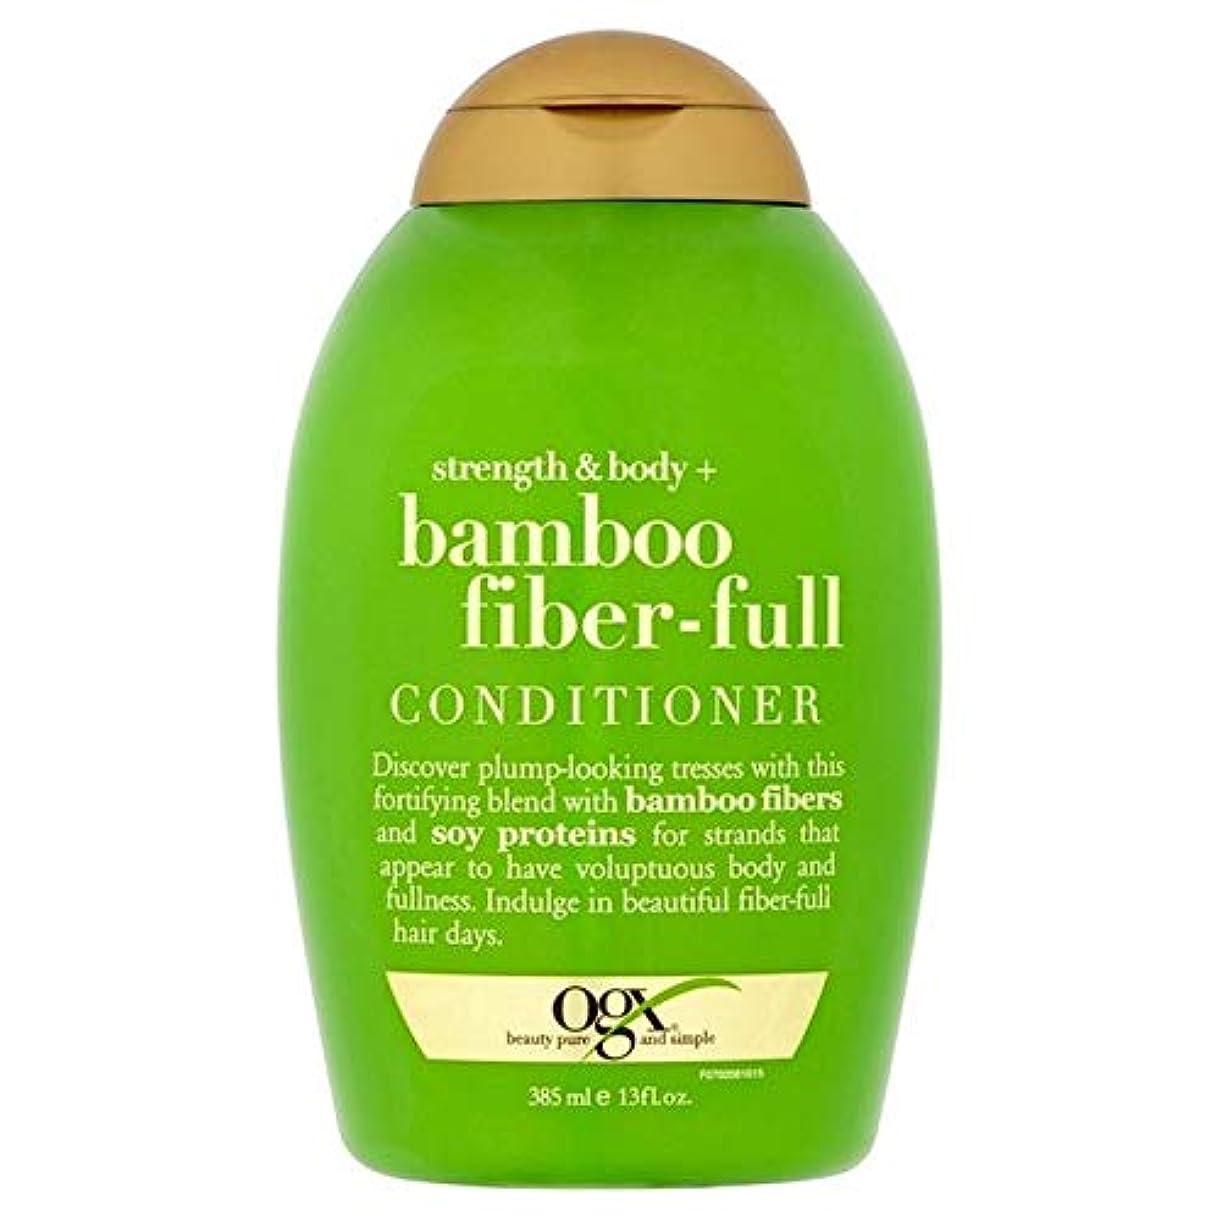 ご飯吹きさらしイブニング[Ogx] Ogx竹繊維フルコンディショナー385ミリリットル - OGX Bamboo Fiber-Full Conditioner 385ml [並行輸入品]